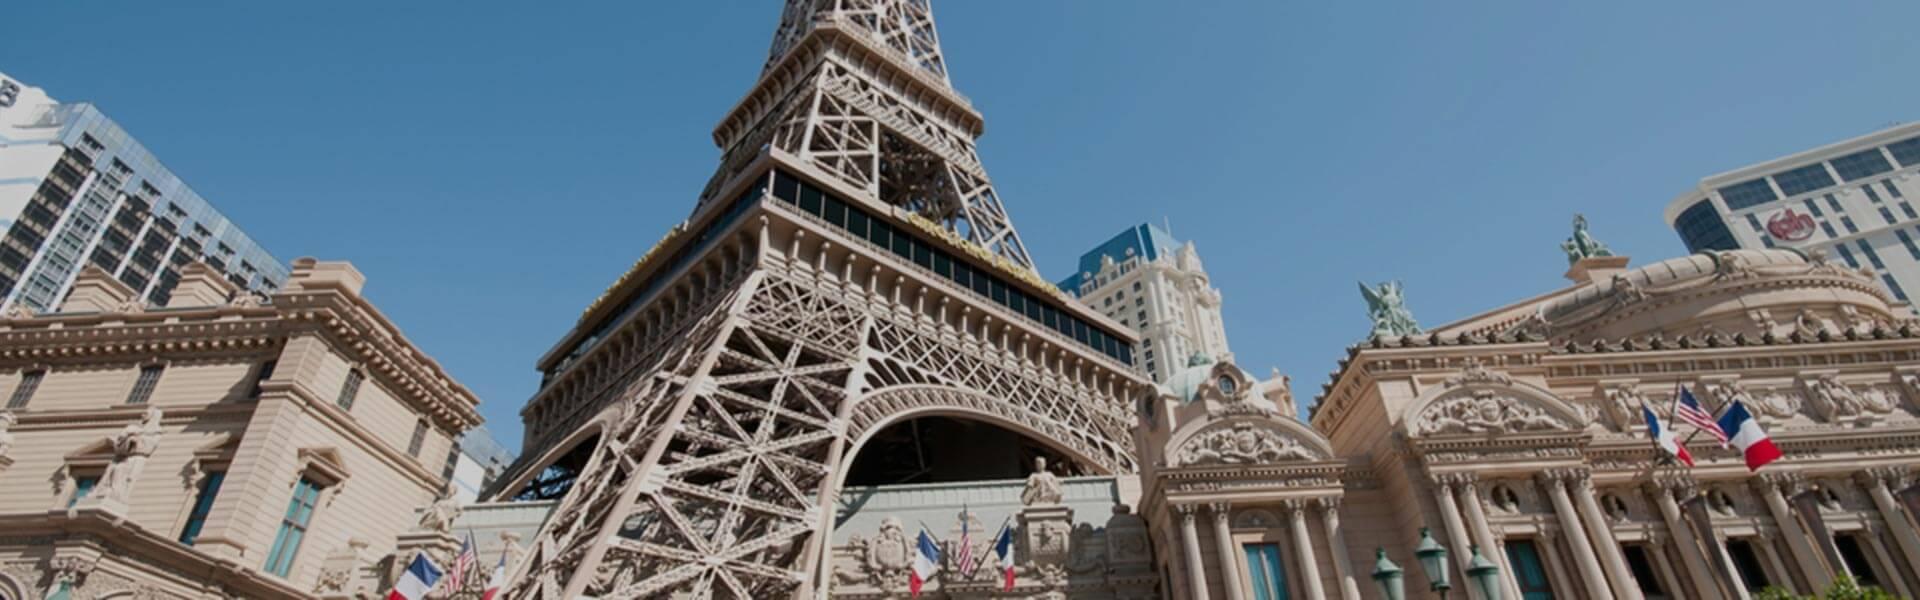 The Paris Hotel Las Vegas Attractions Big Bus Tours